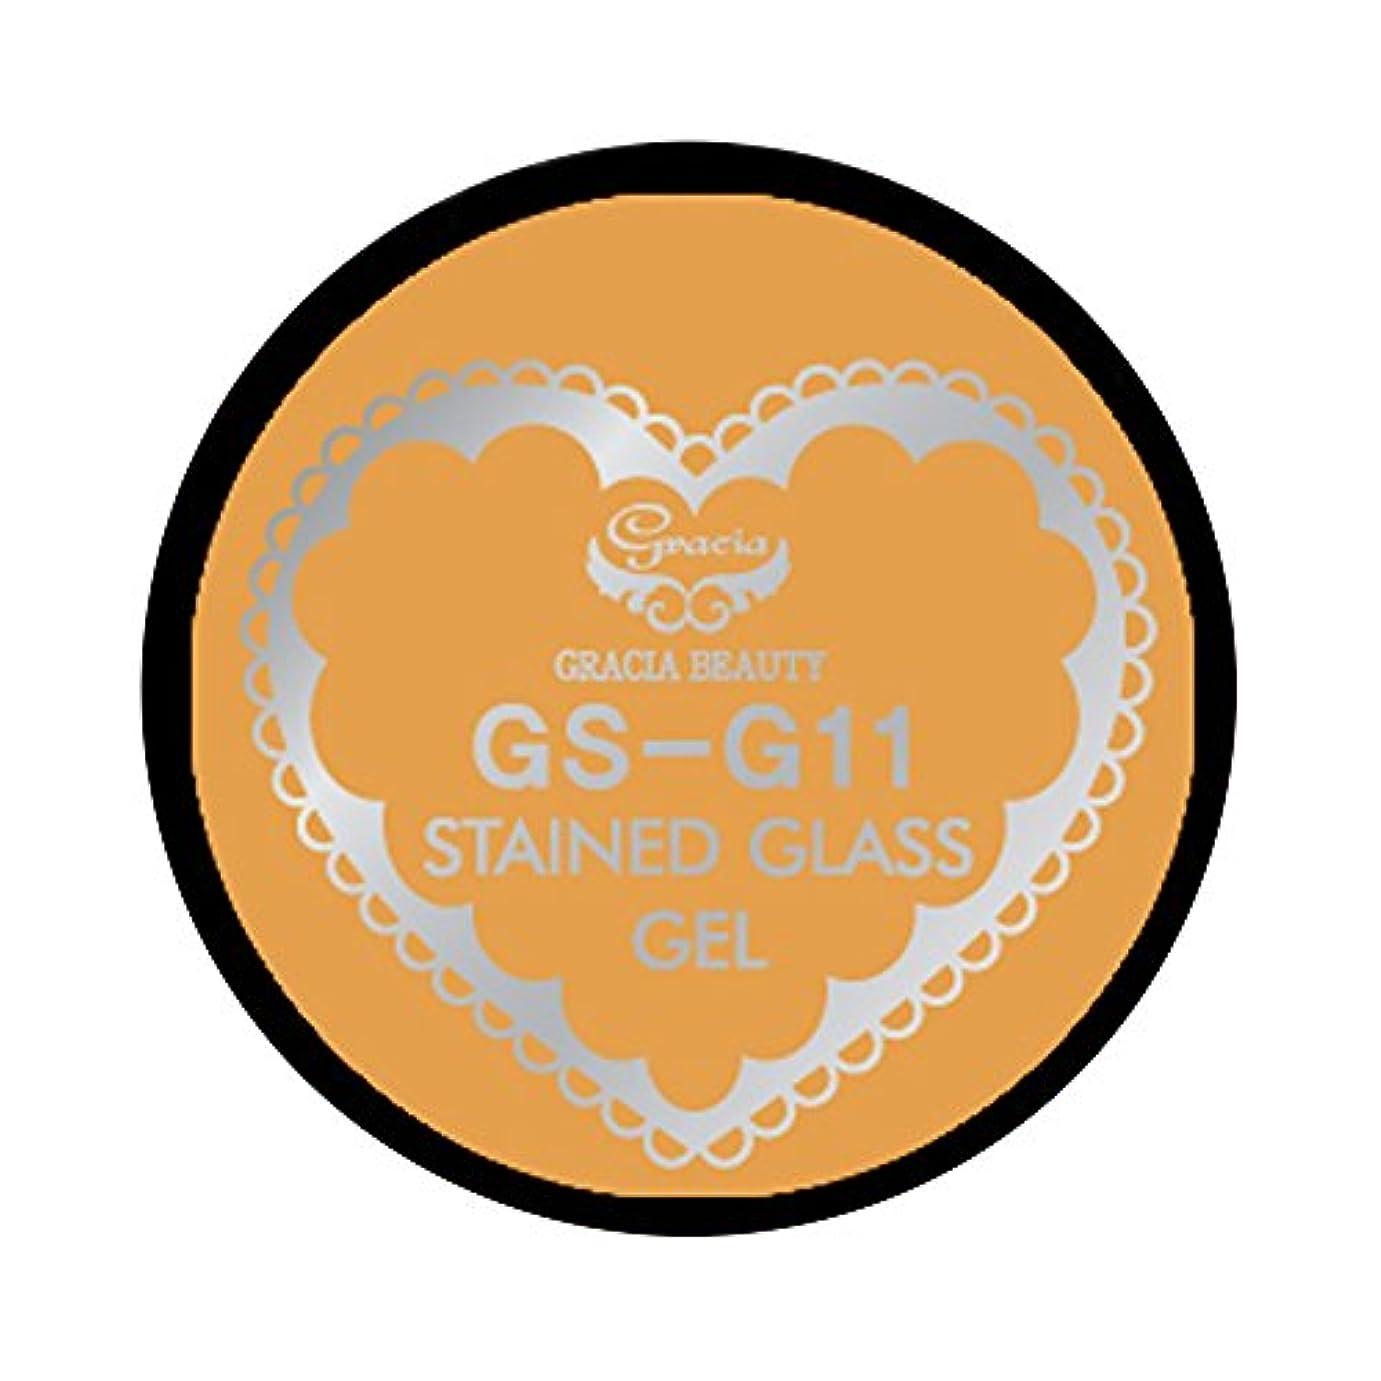 モデレータビスケットマニアグラシア ジェルネイル ステンドグラスジェル GSM-G11 3g  グリッター UV/LED対応 カラージェル ソークオフジェル ガラスのような透明感